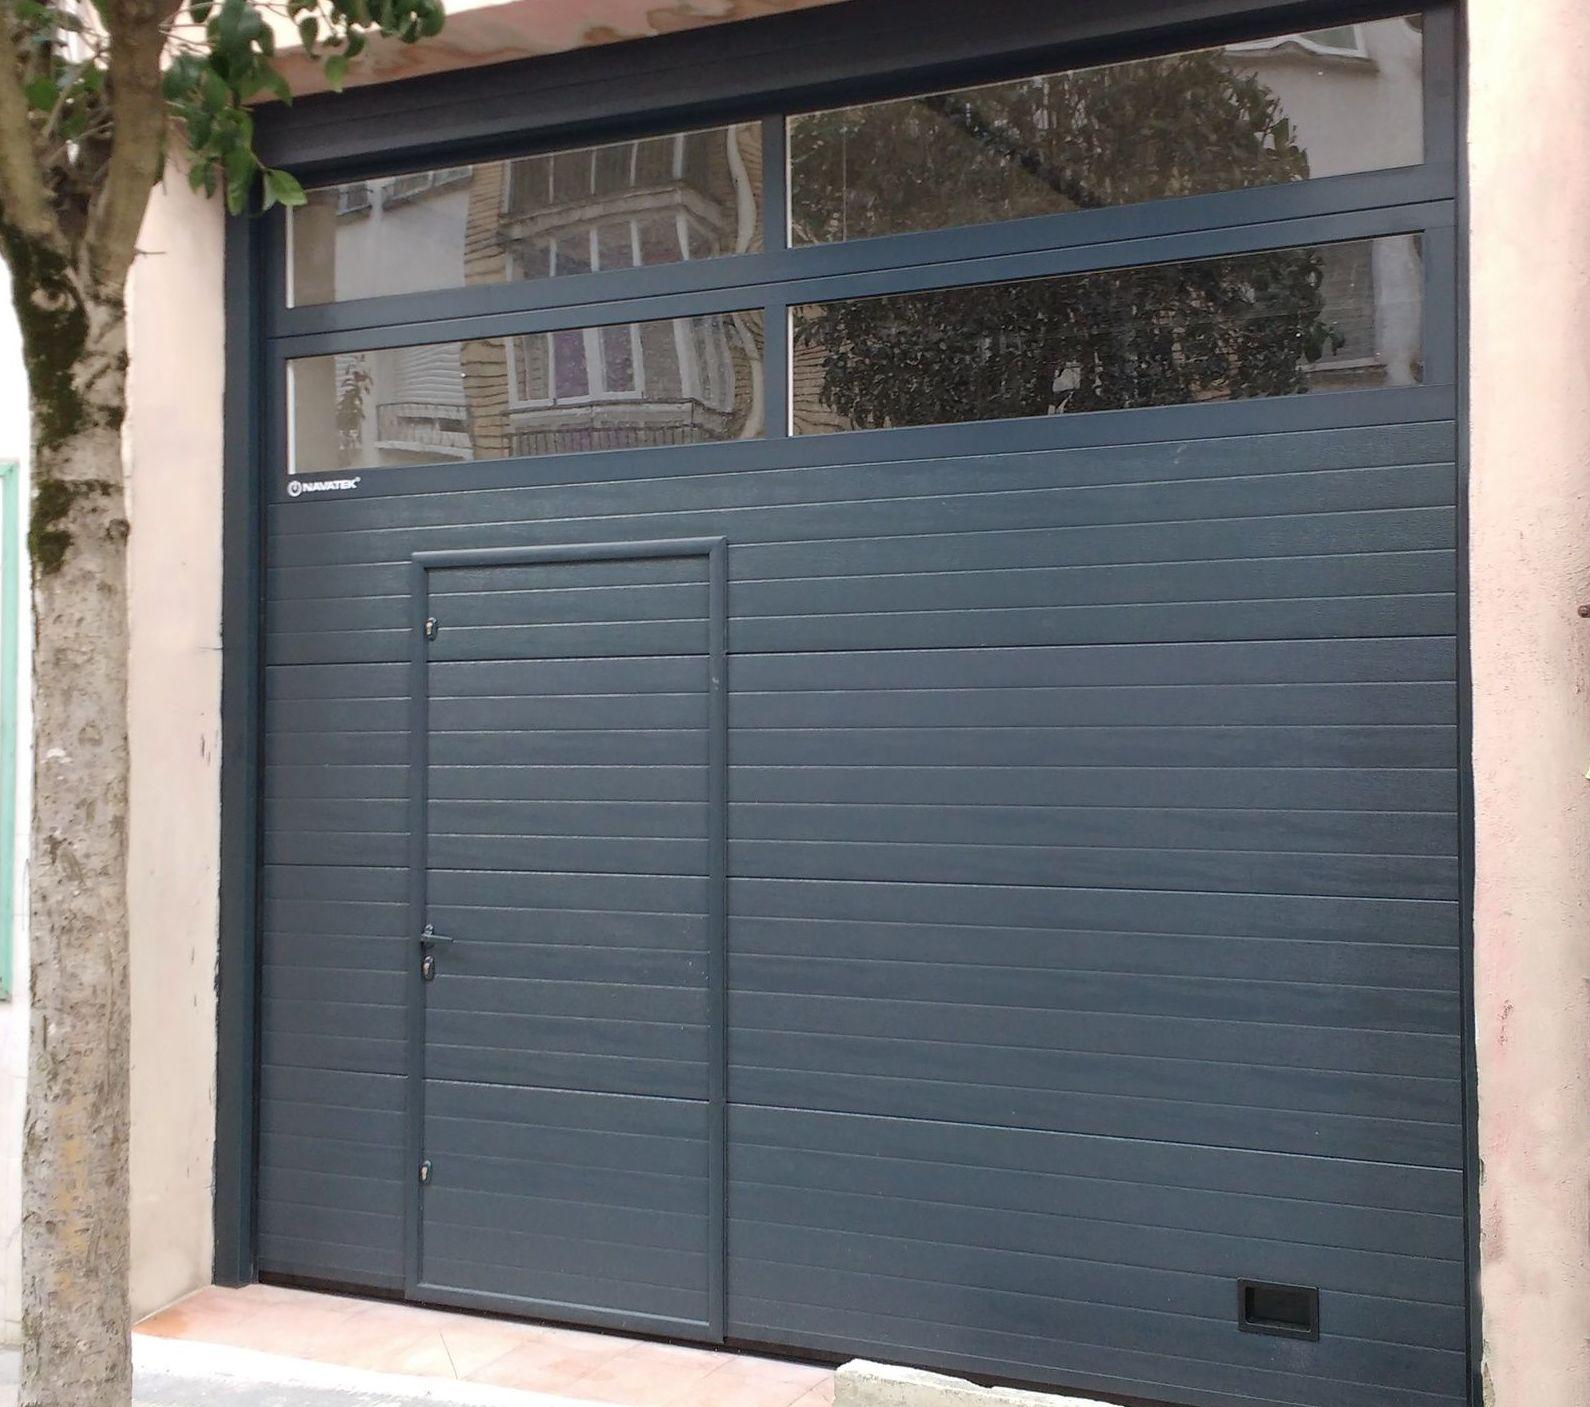 Foto 126 de Puertas automáticas en Olite | Navatek Puertas Automáticas SL